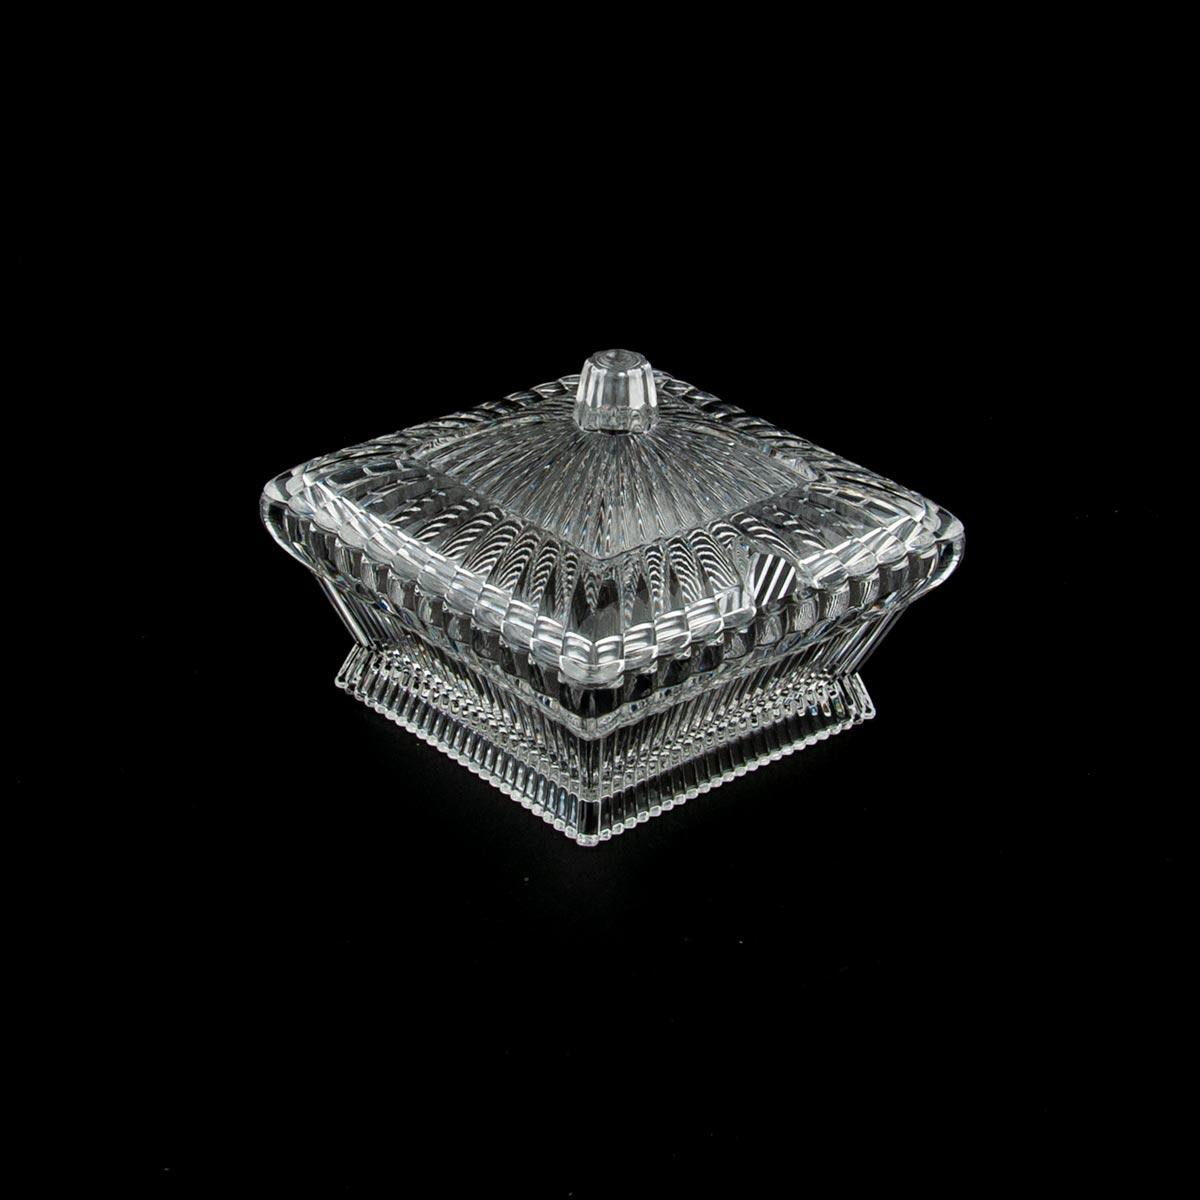 تمرية اكريلك أزاد شفاف مربع صغير  رقم HW-23-BL